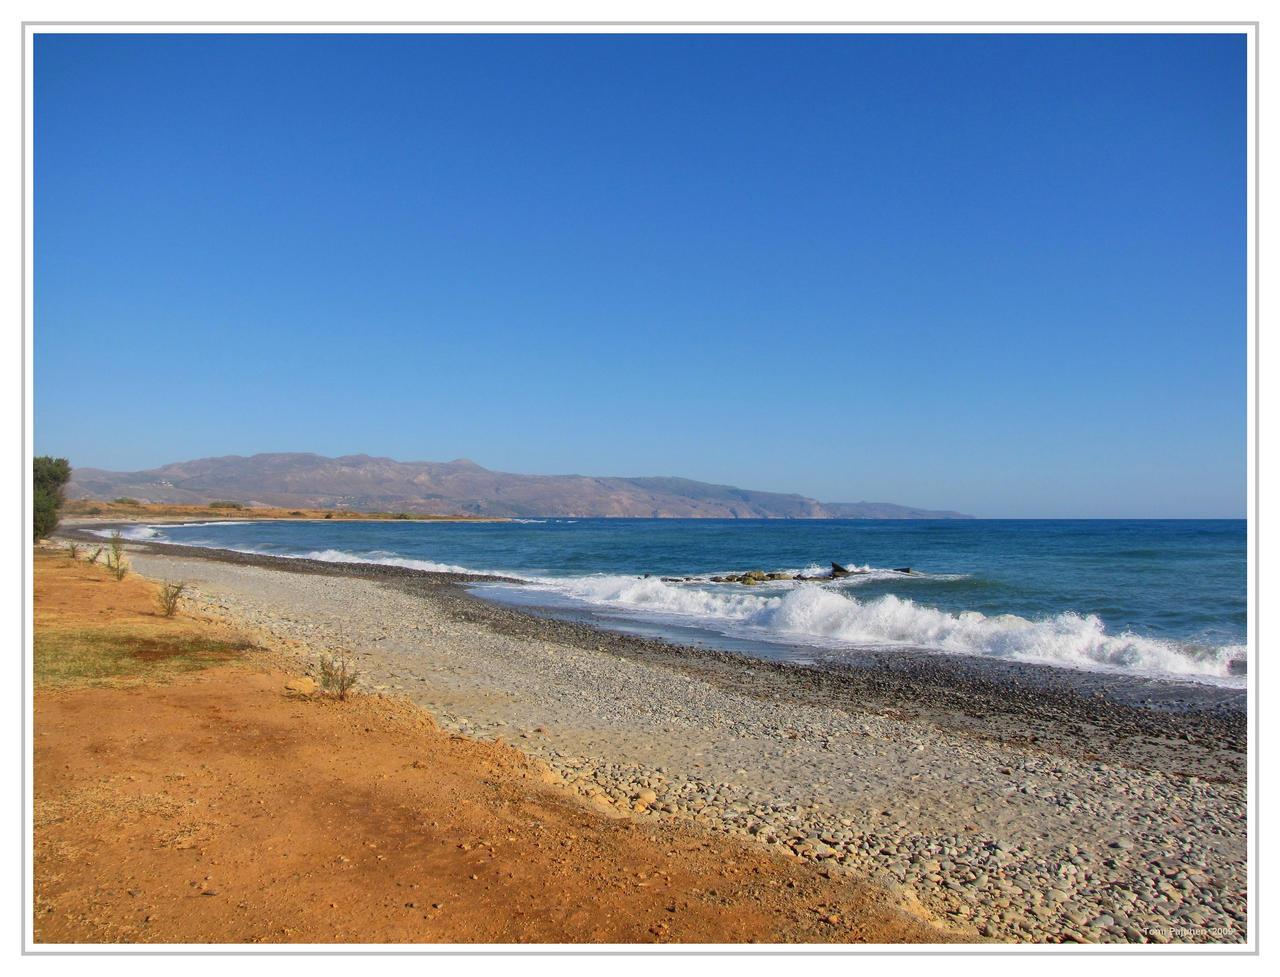 Mediterranean Sea Shore by Pajunen